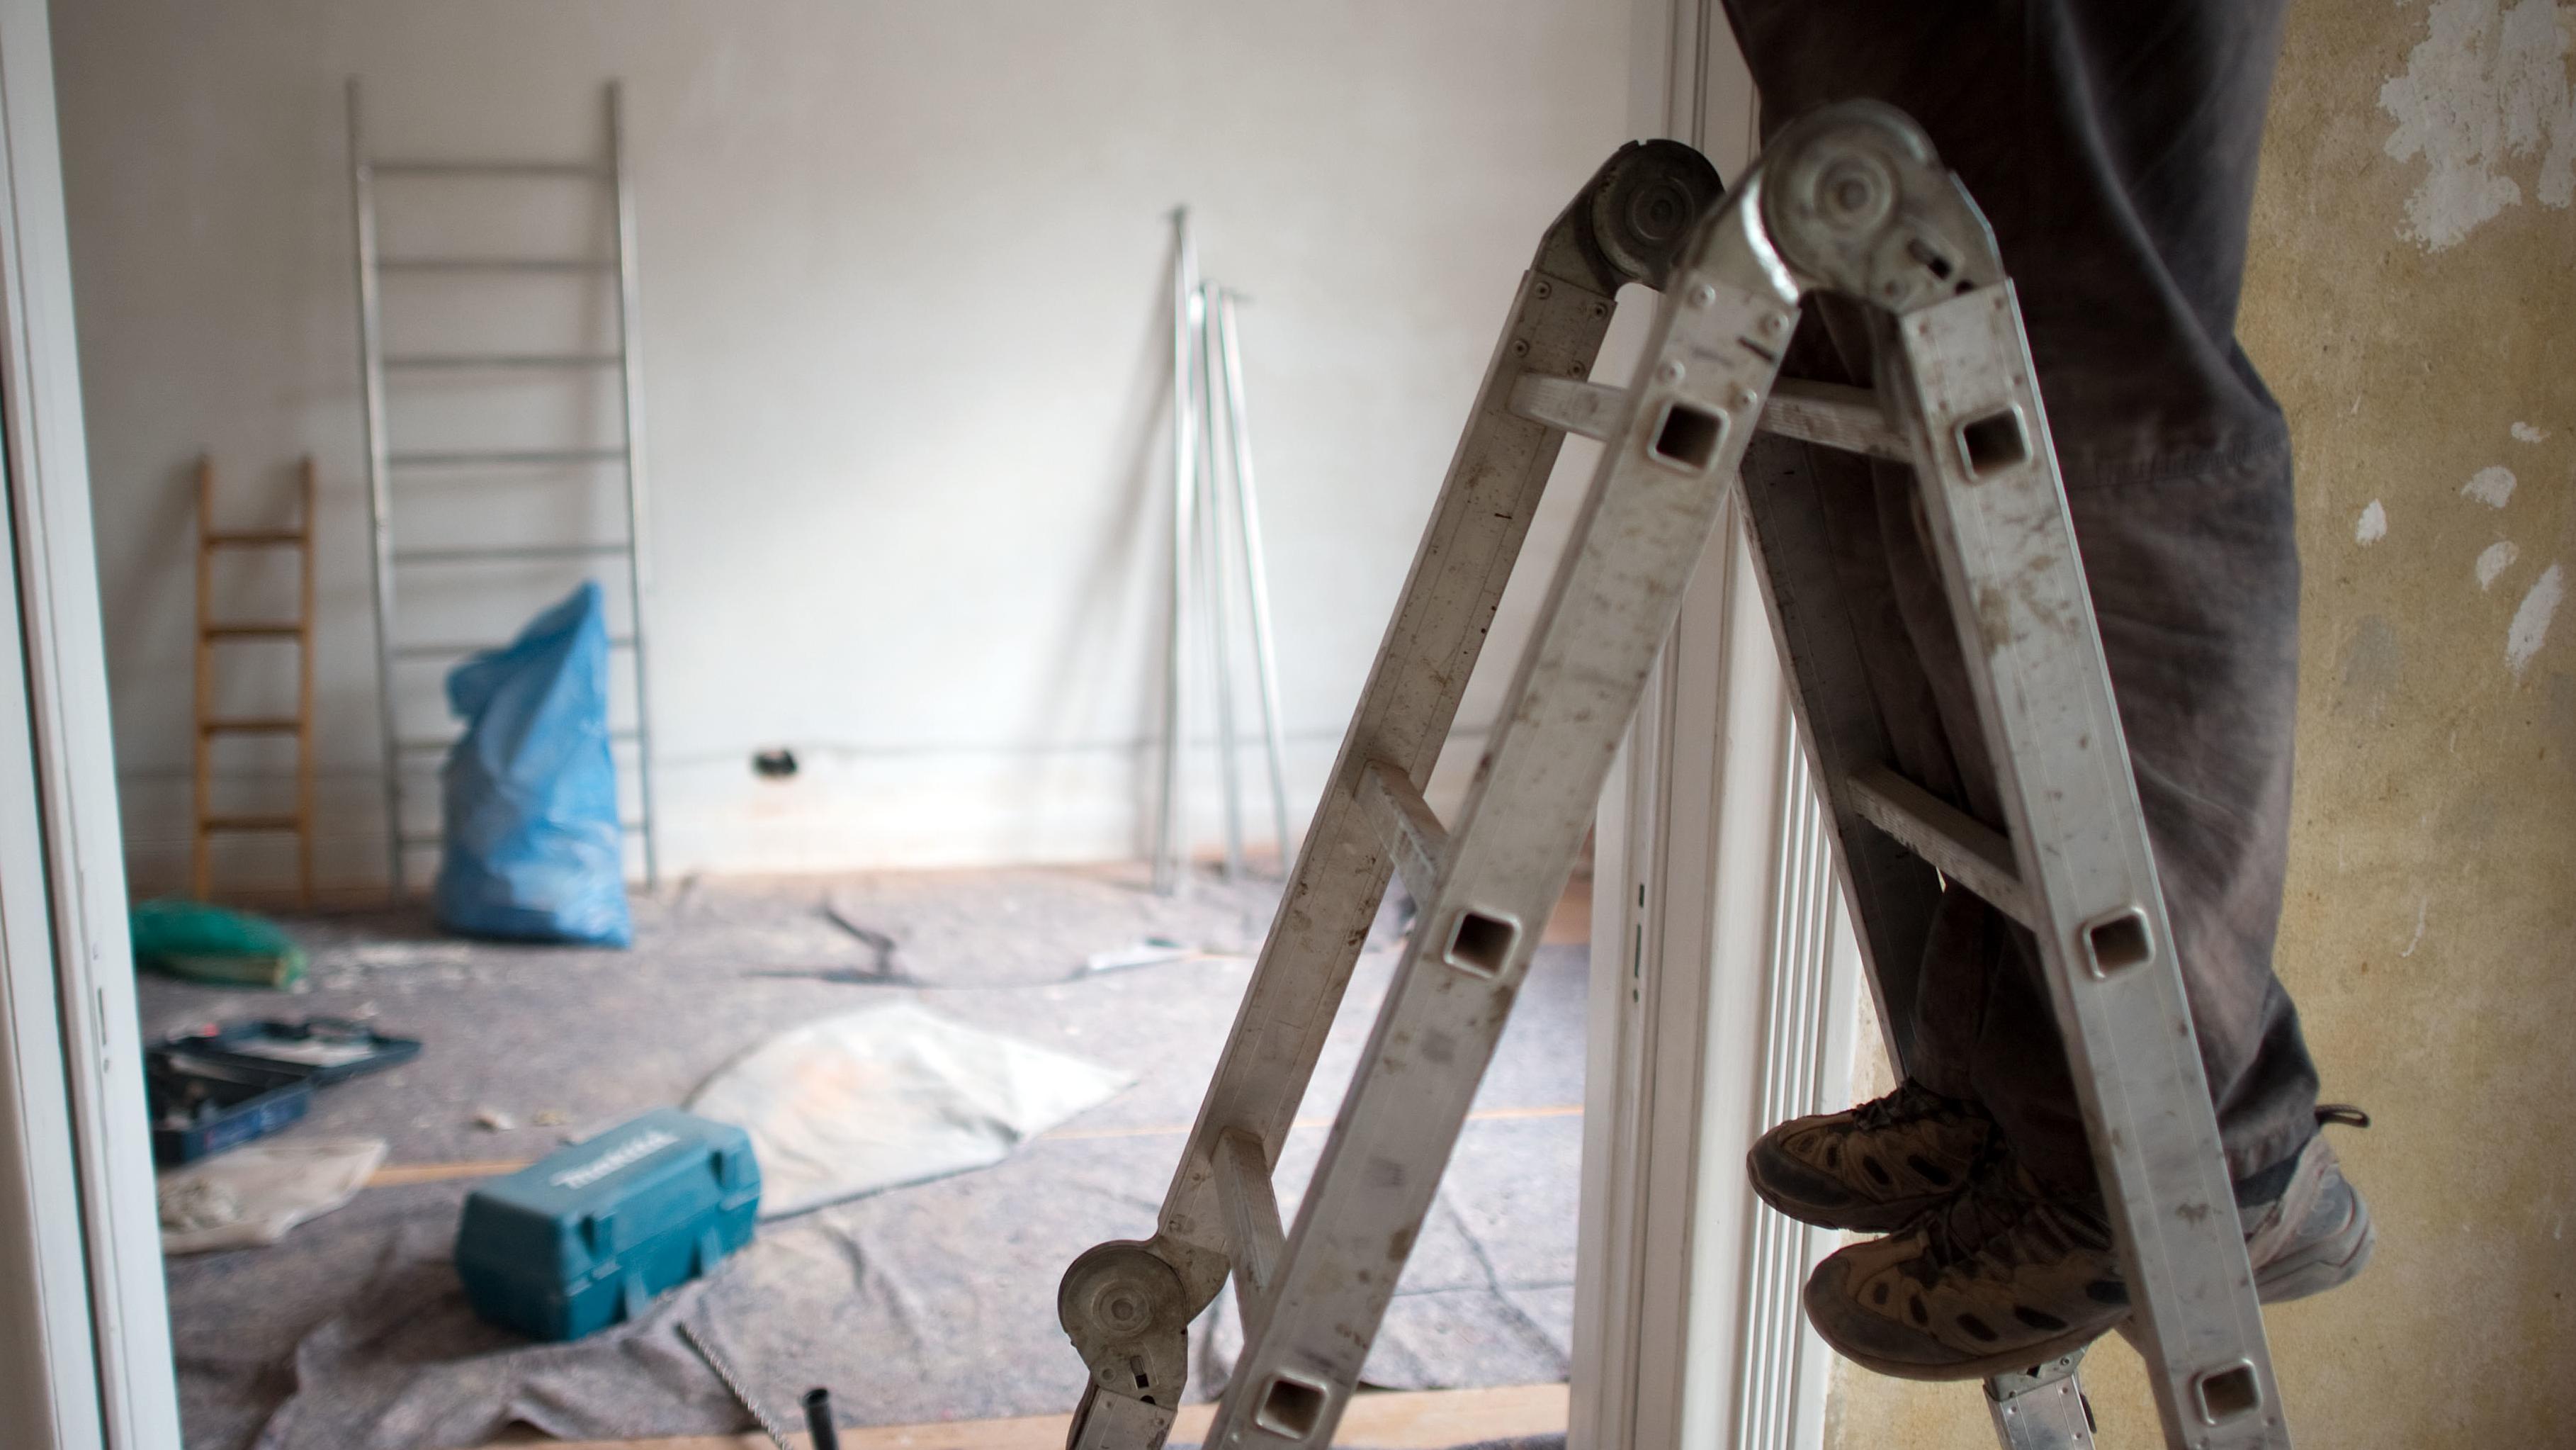 Handwerker auf der Leiter beim Renovieren einer Wohnung